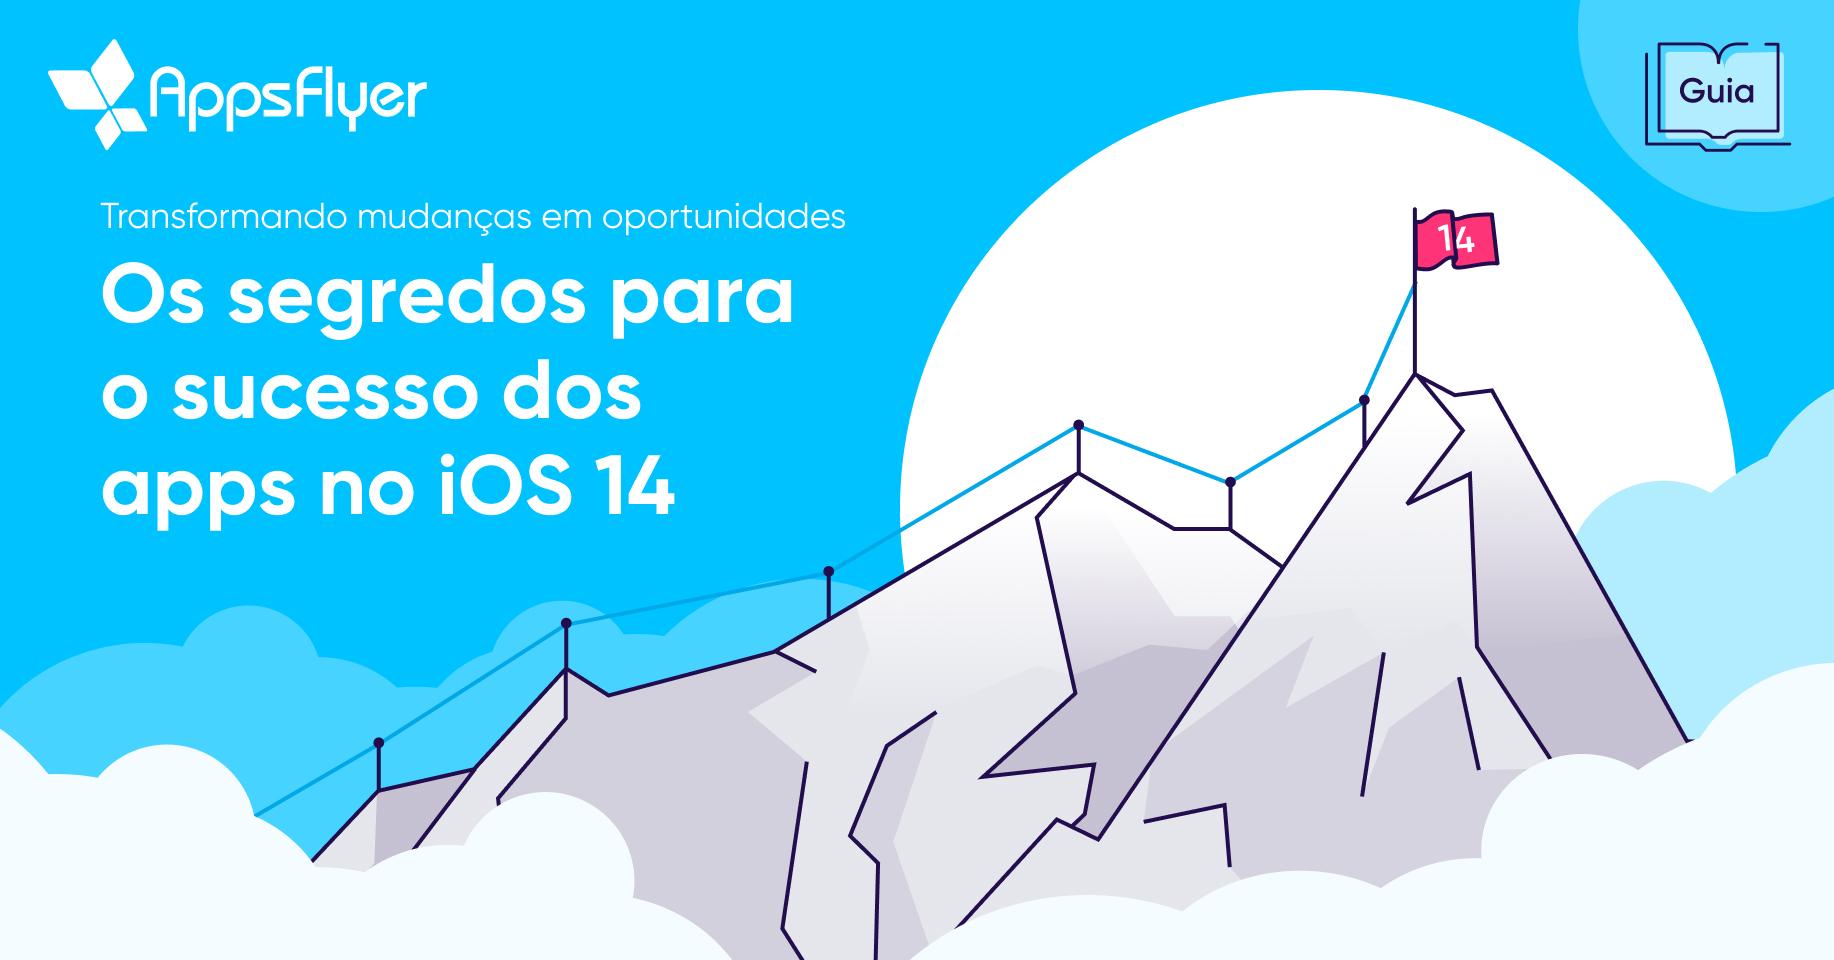 guia sucesso dos apps no iOS 14